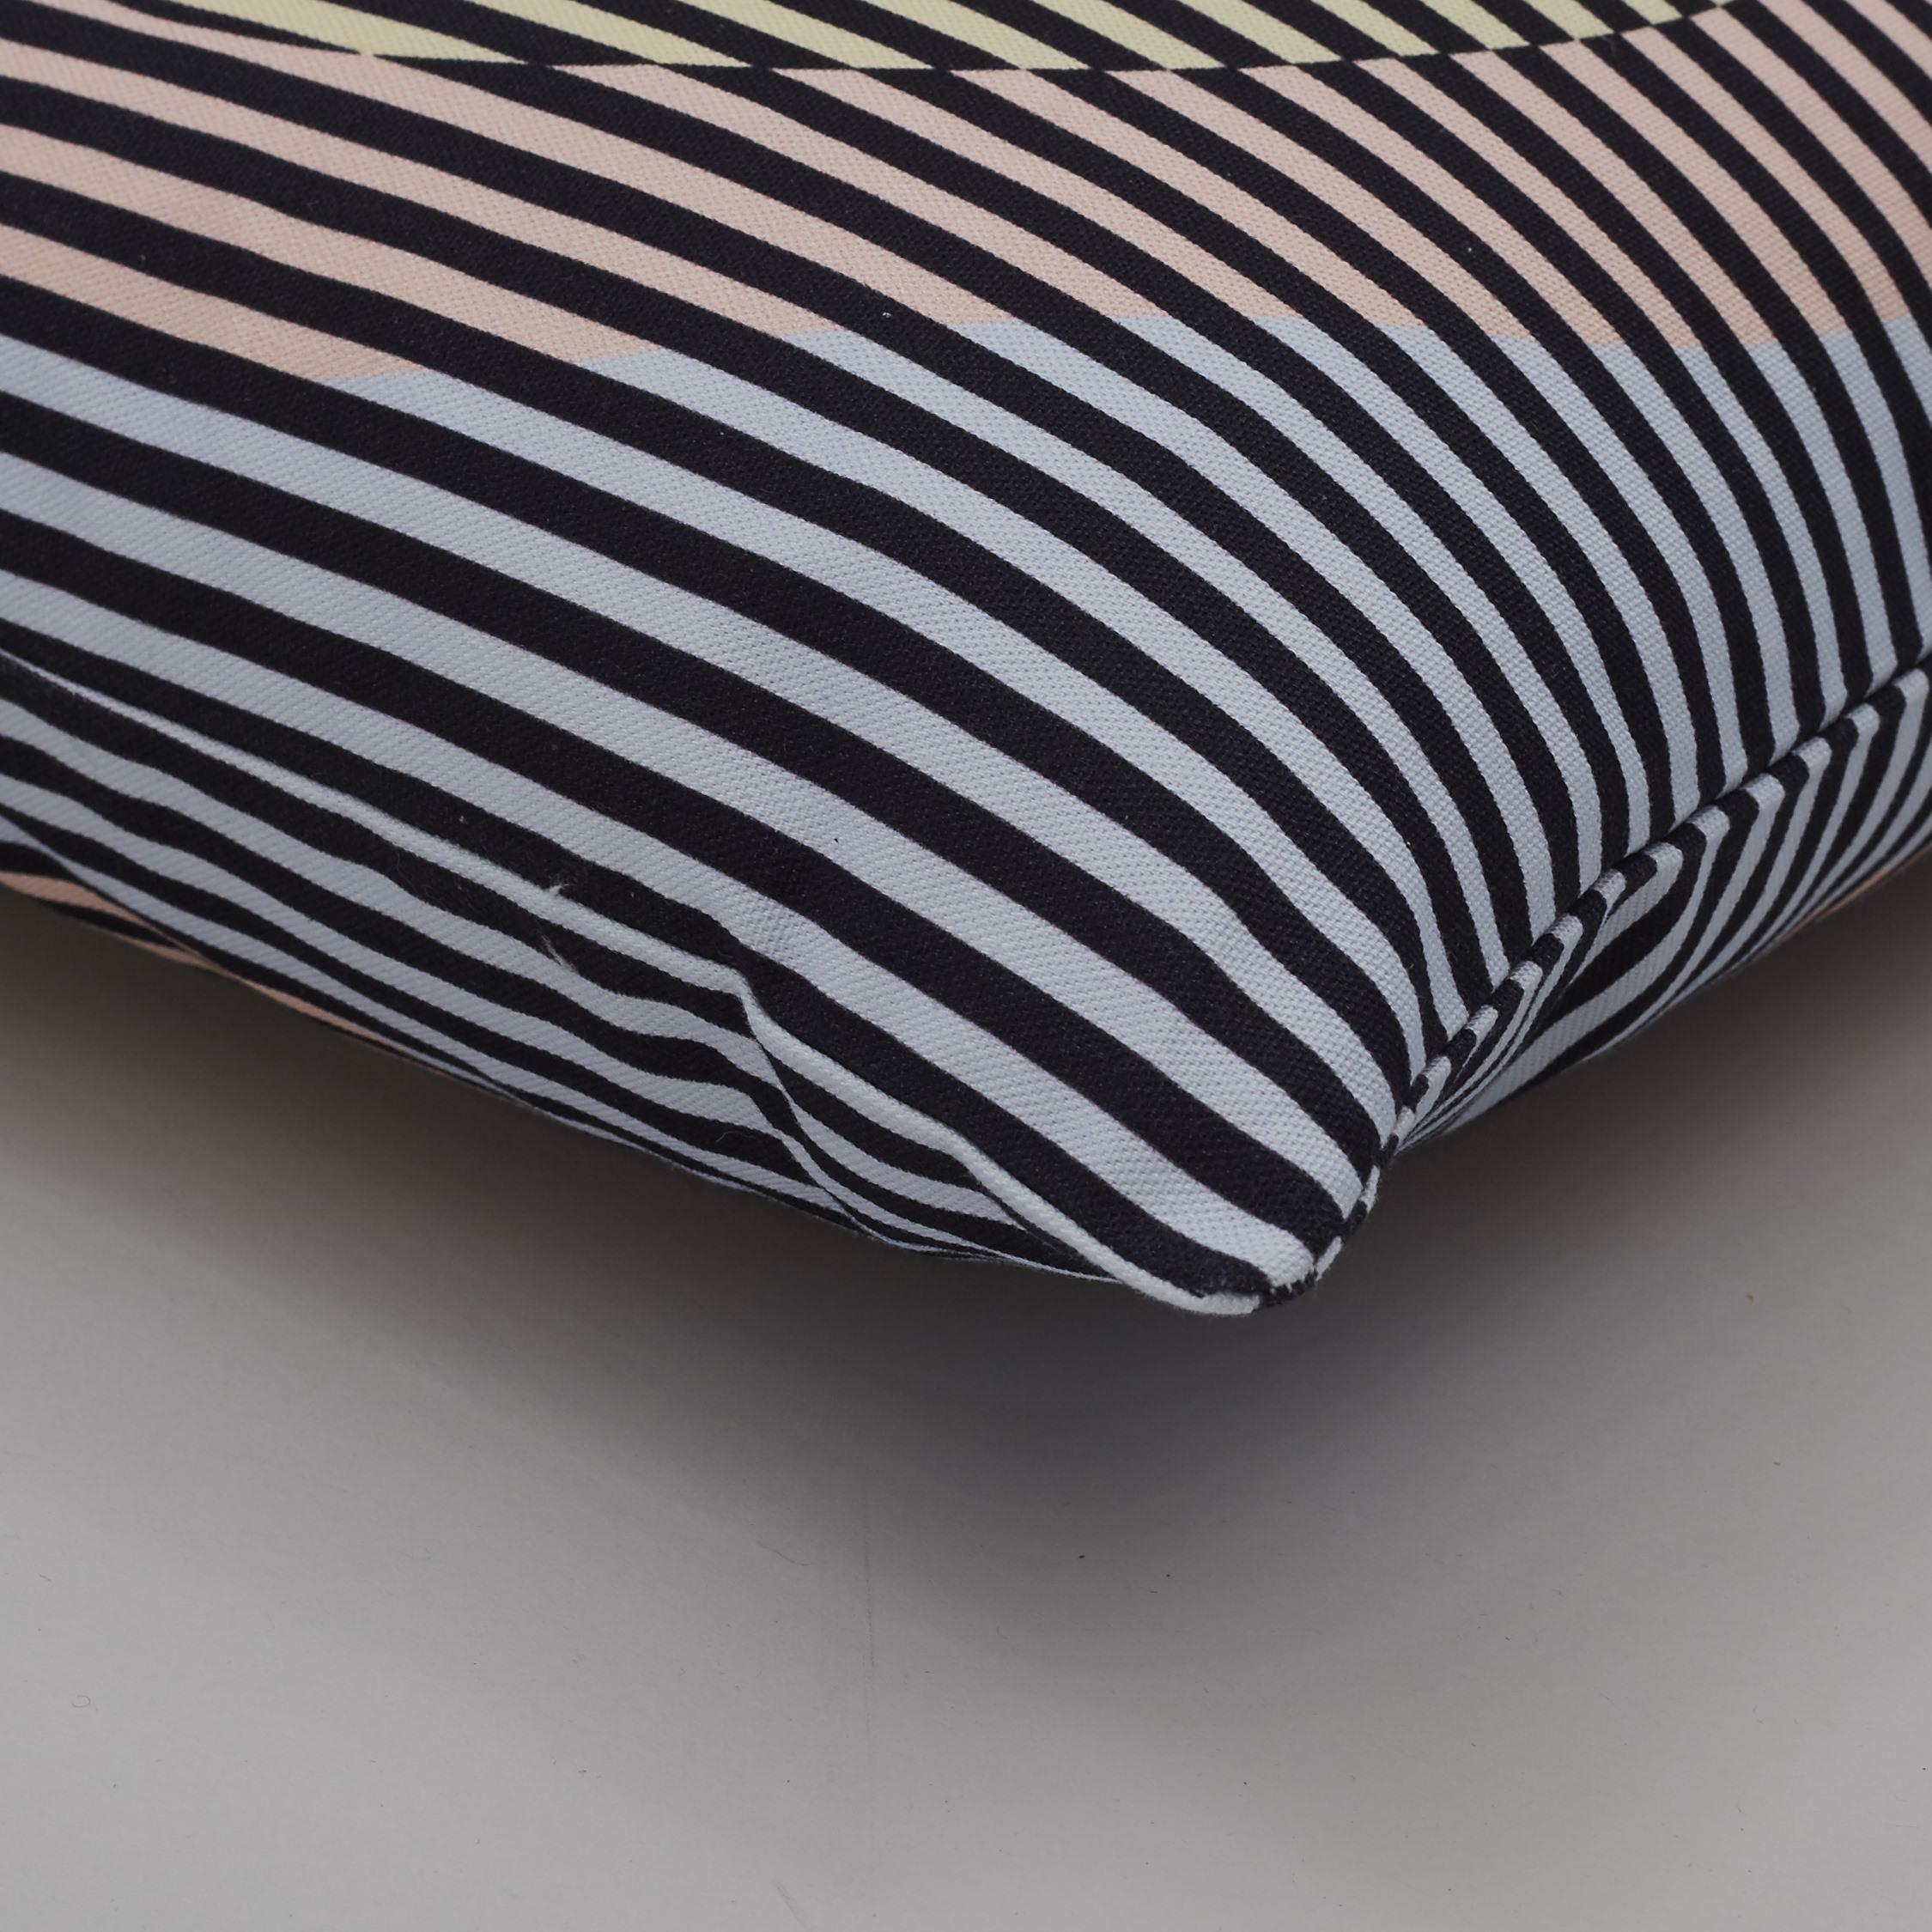 Kangan Arora for Urban Outfitters 02 Detail.jpg